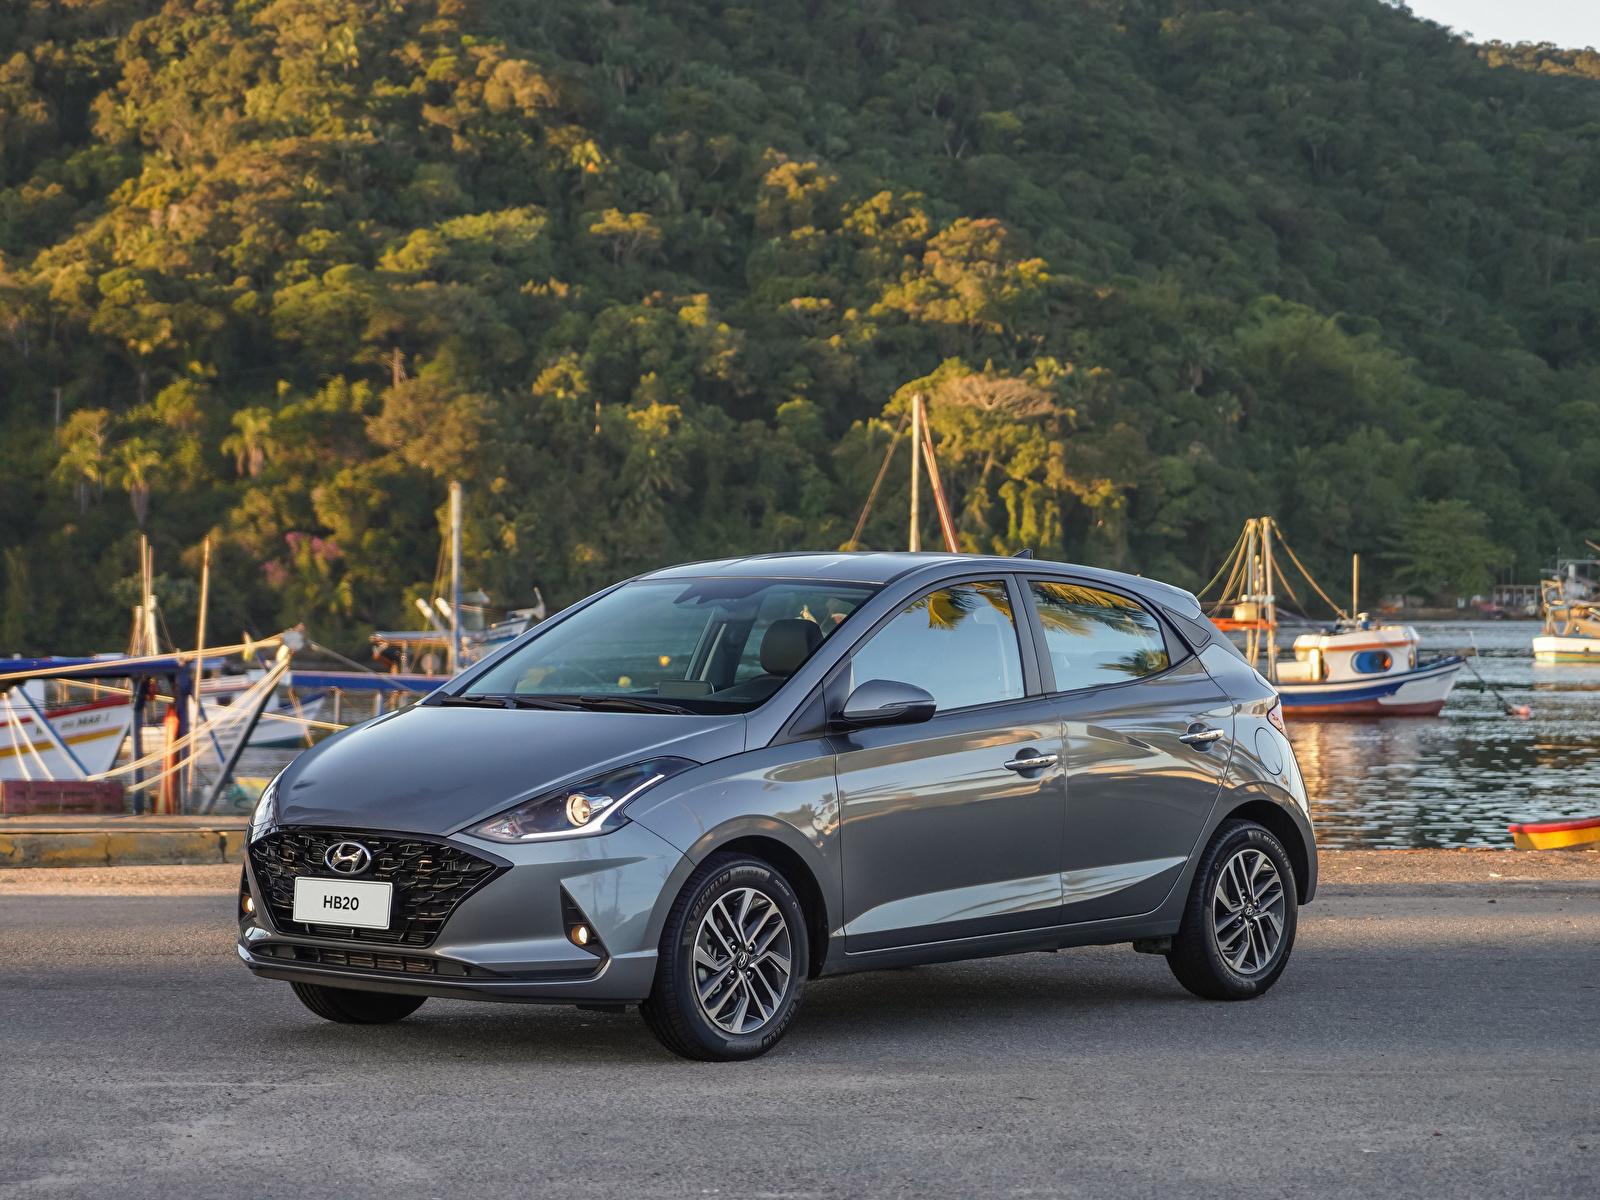 Картинка Hyundai HB20 Diamond Plus, 2020 серые Металлик автомобиль 1600x1200 Хендай серая Серый авто машины машина Автомобили